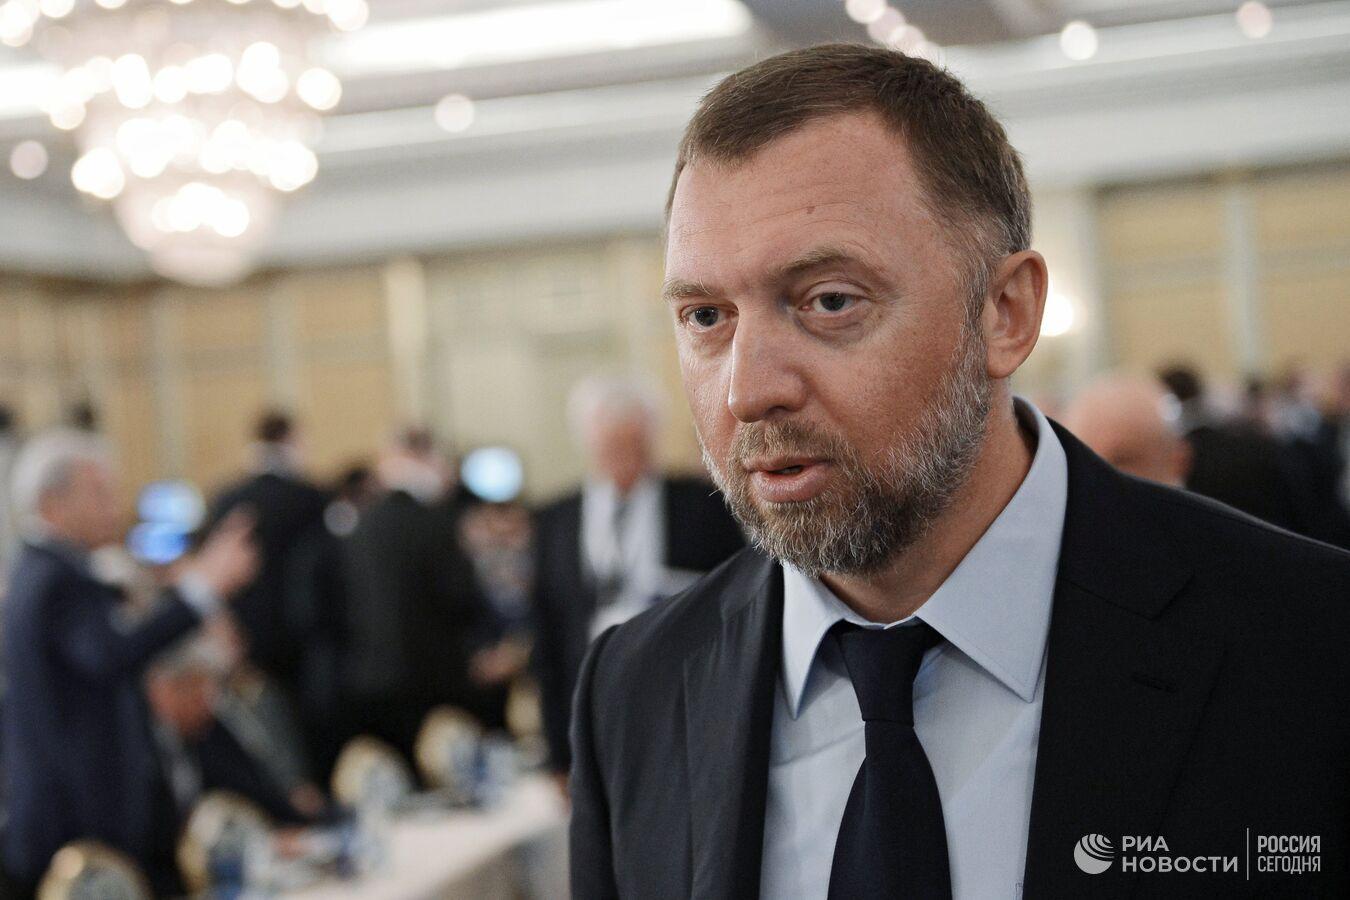 Зря Дерипаска подал в суд на Зюганова